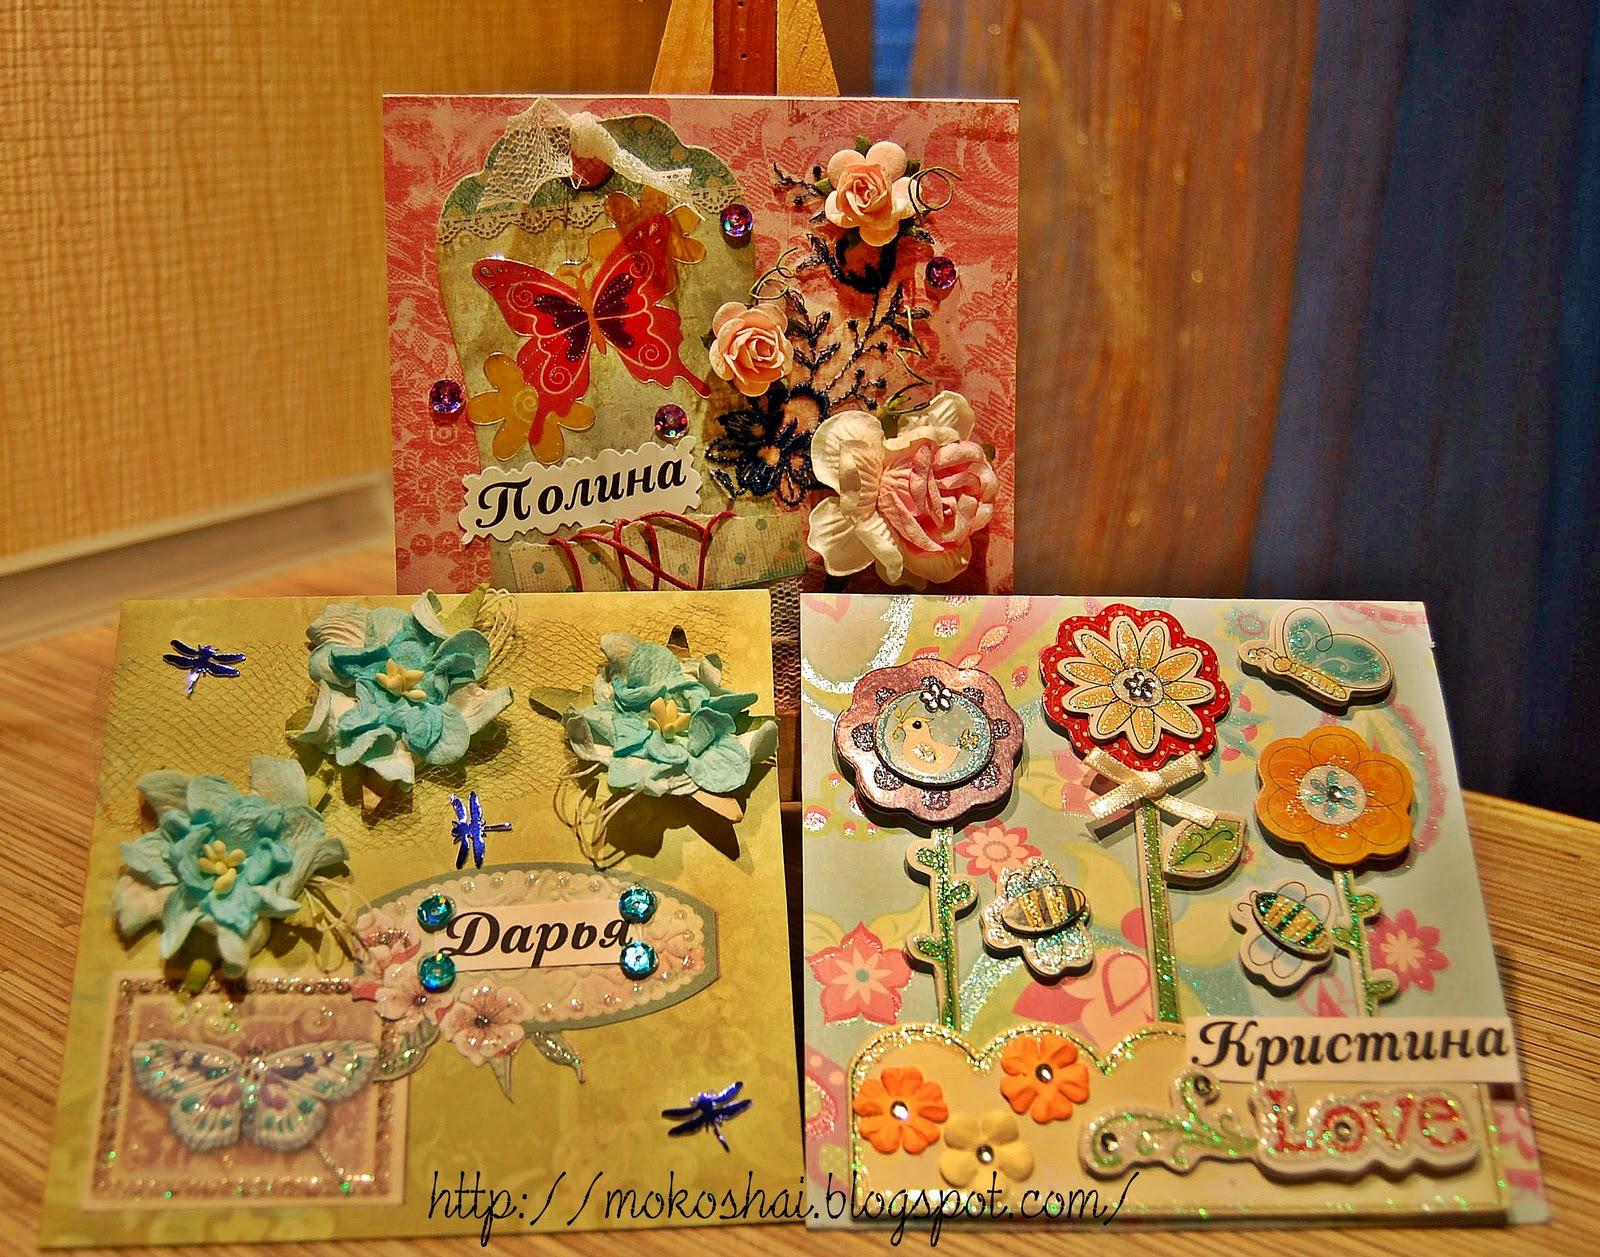 Как сделать подарок для бабушки и дедушки своими руками на день рождения